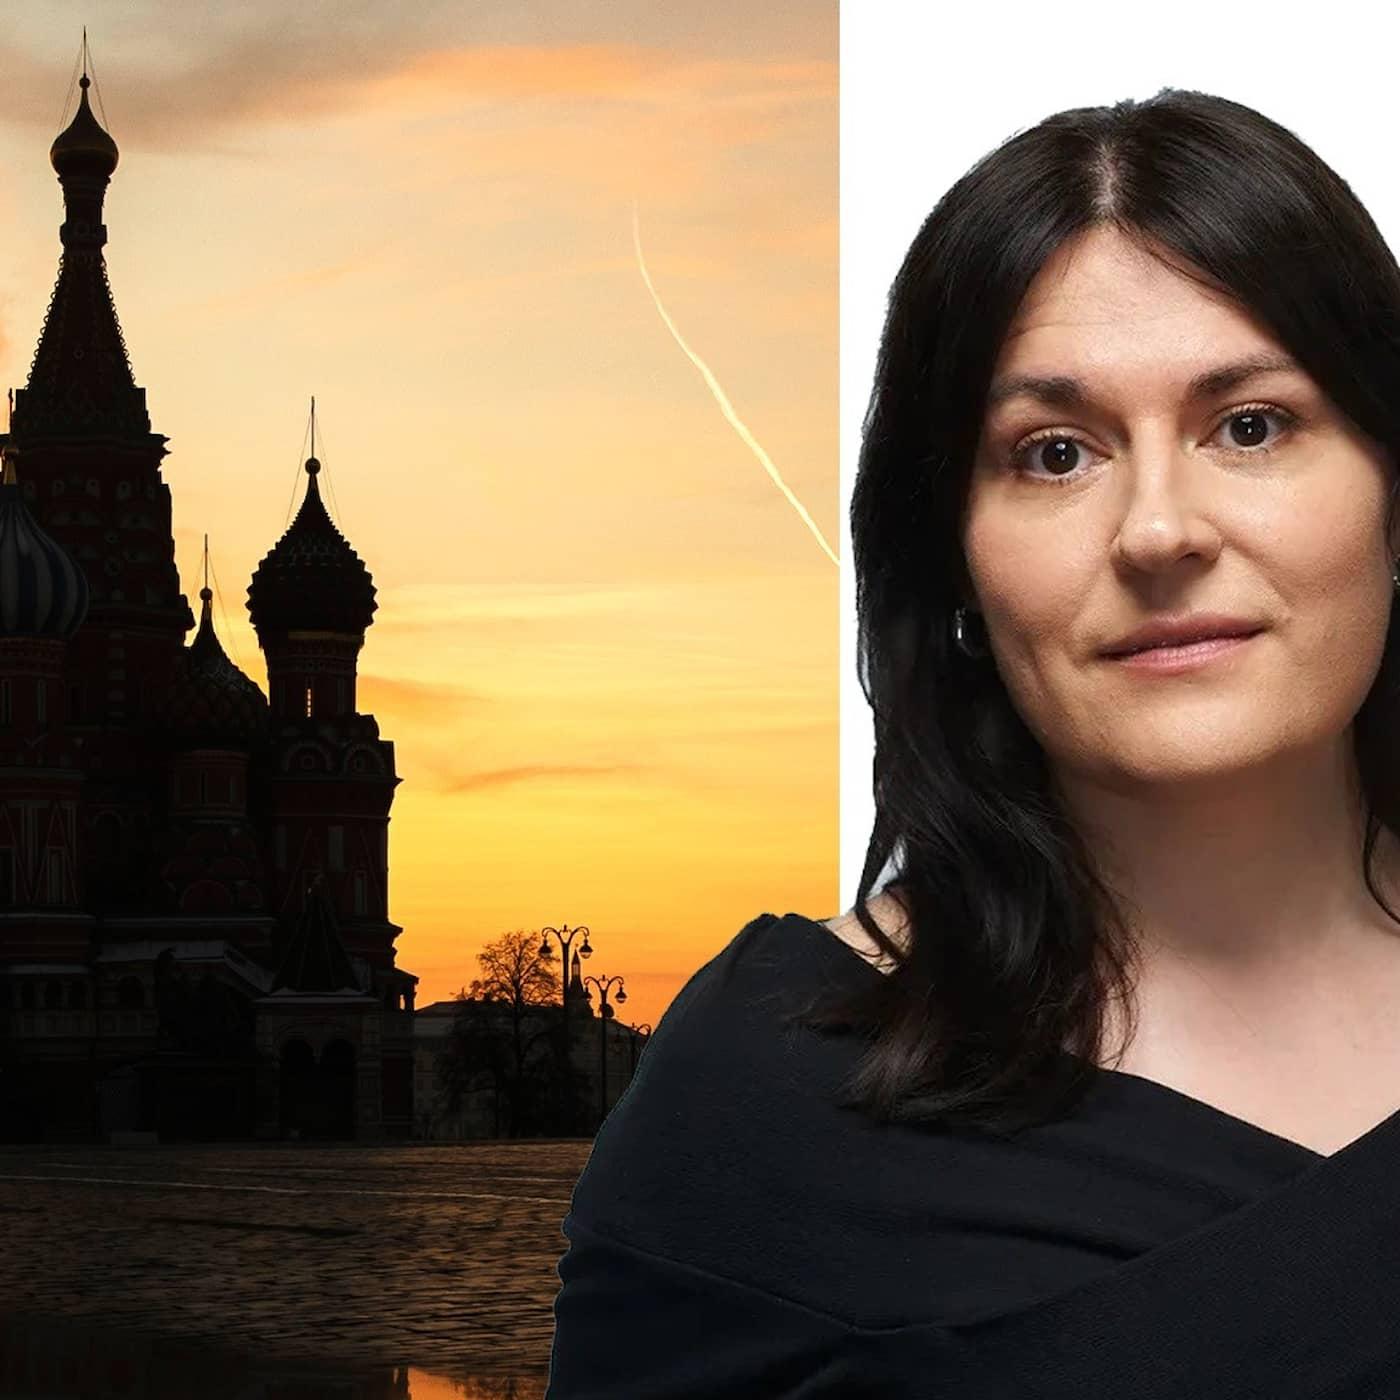 Från extravagans till förnedring i Gotham city: Maria Georgieva, Moskva